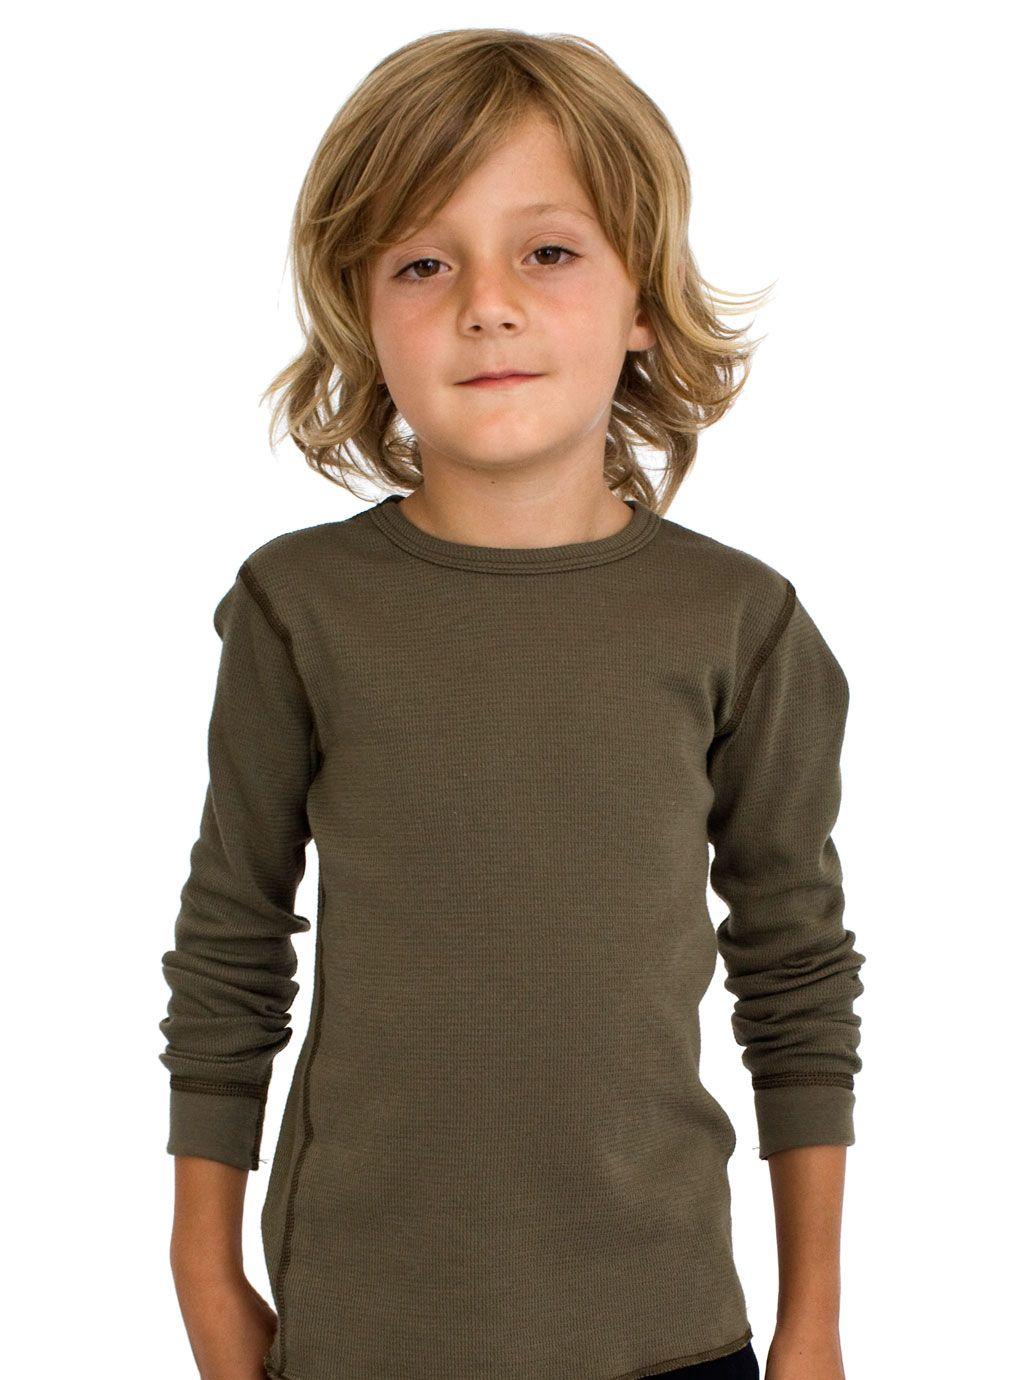 Kids baby thermal long sleeve t 2 6 years kids